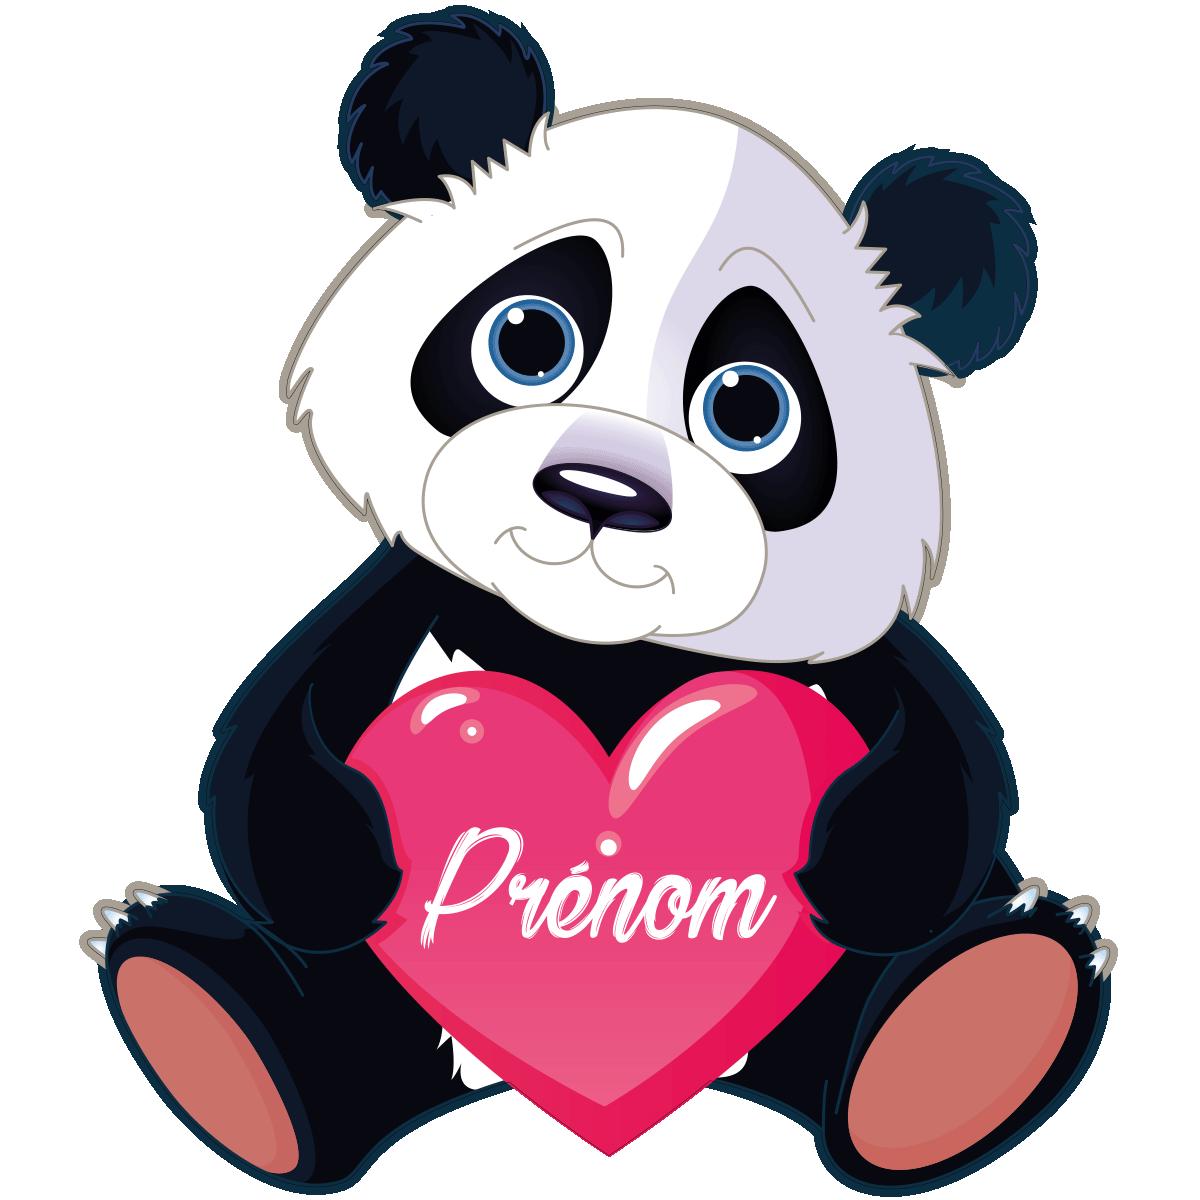 Sticker pr nom personnalis panda amoureux stickers - Tete de panda dessin ...